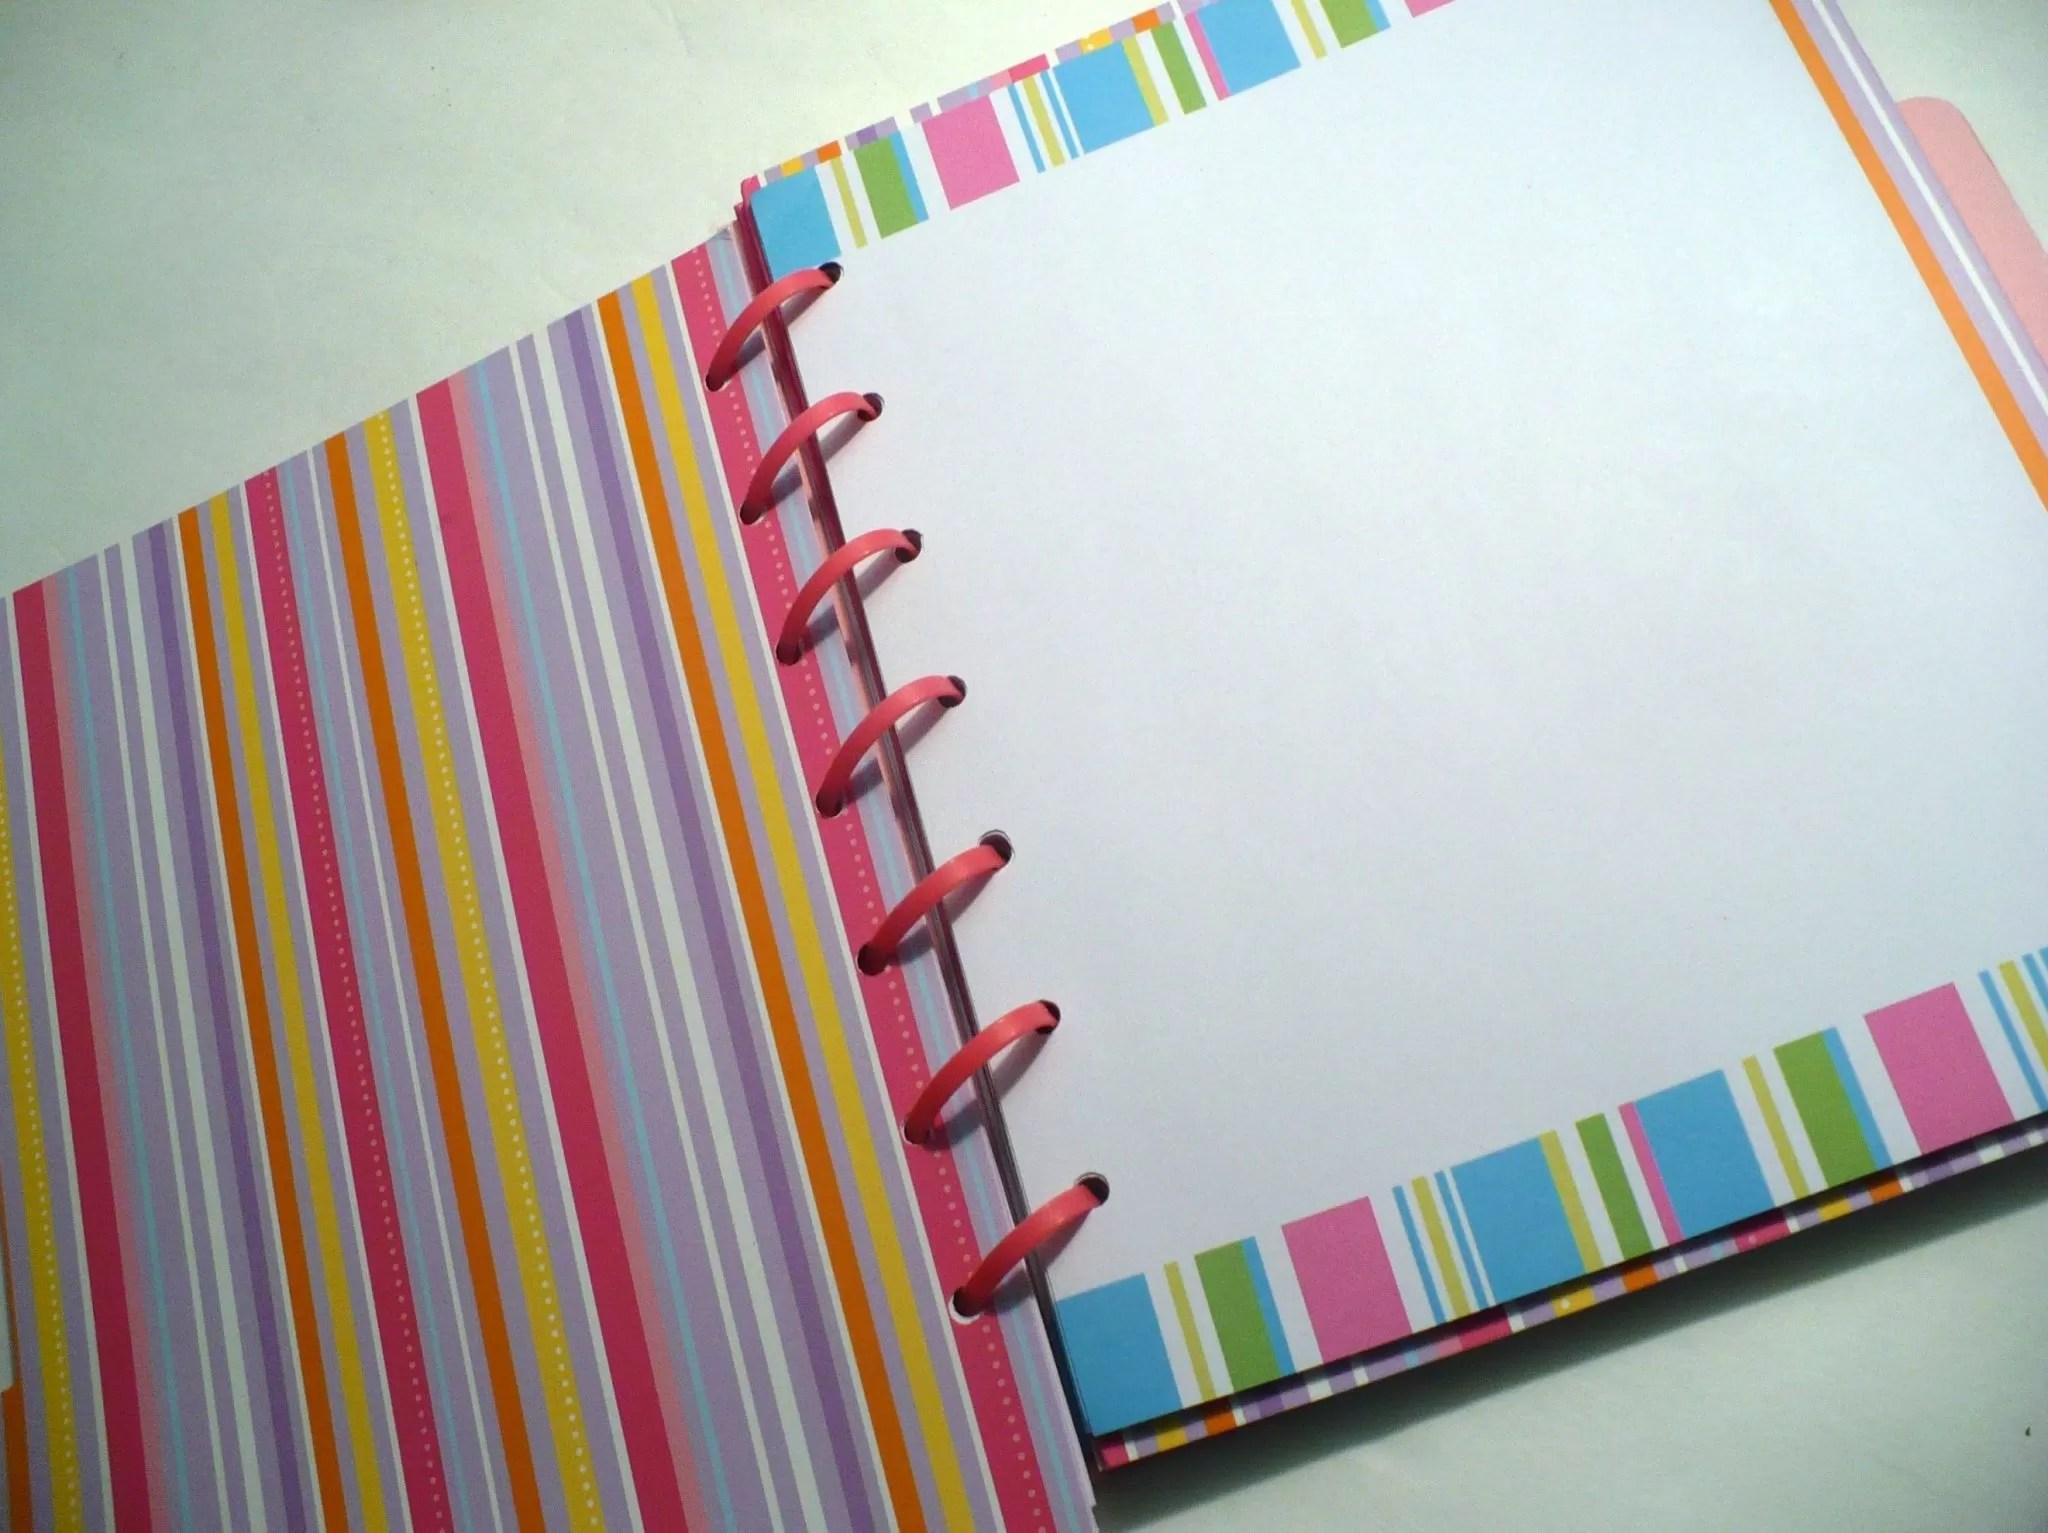 Stitching notebooks